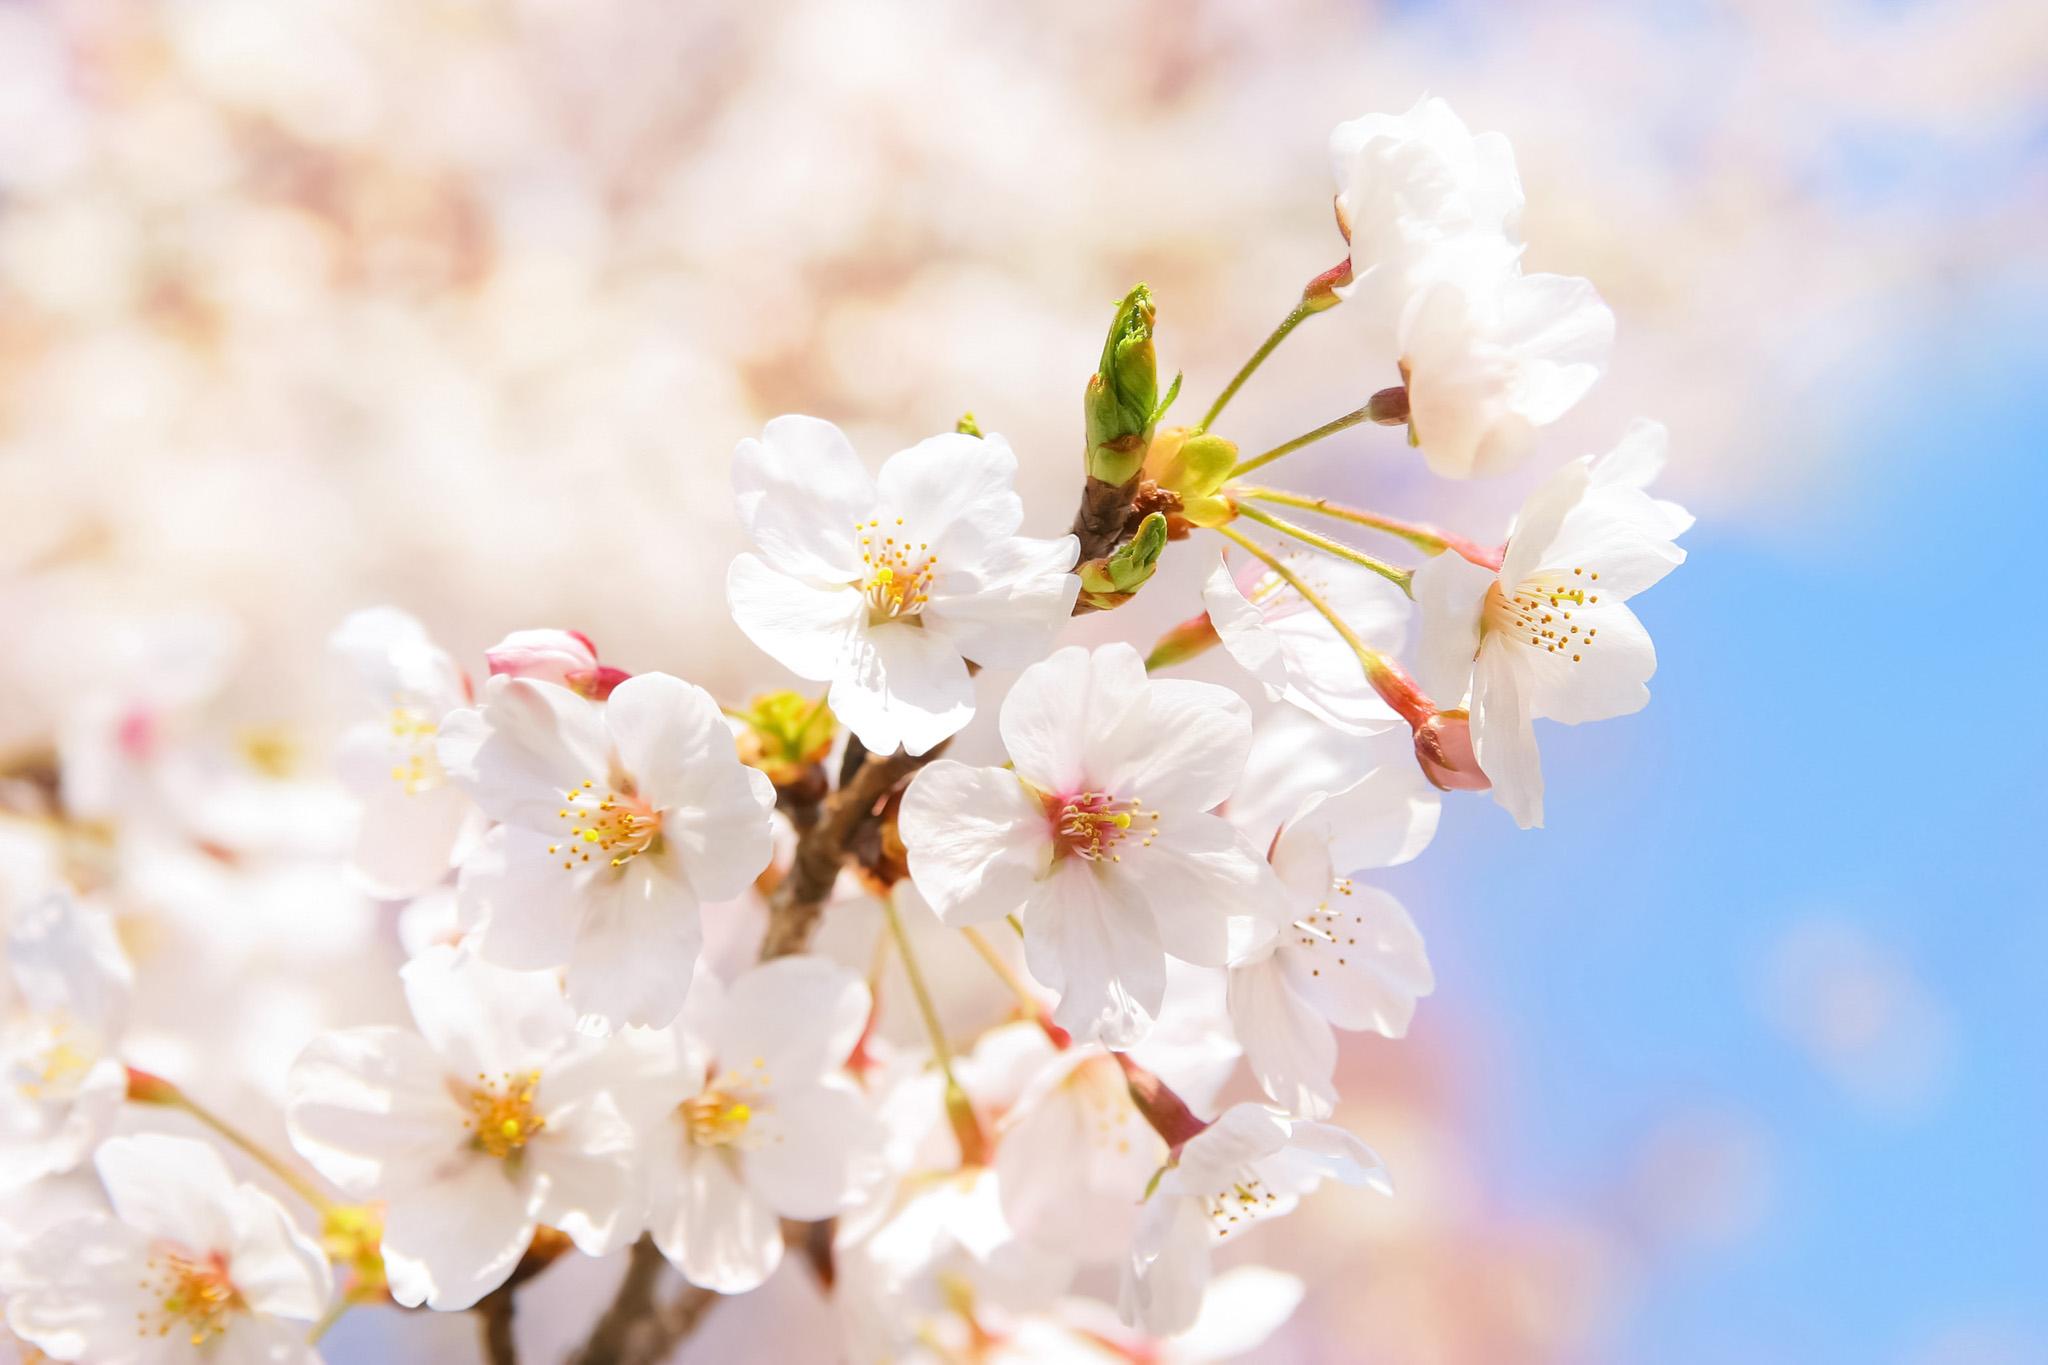 「青空と桜の花びら」の背景を無料ダウンロード